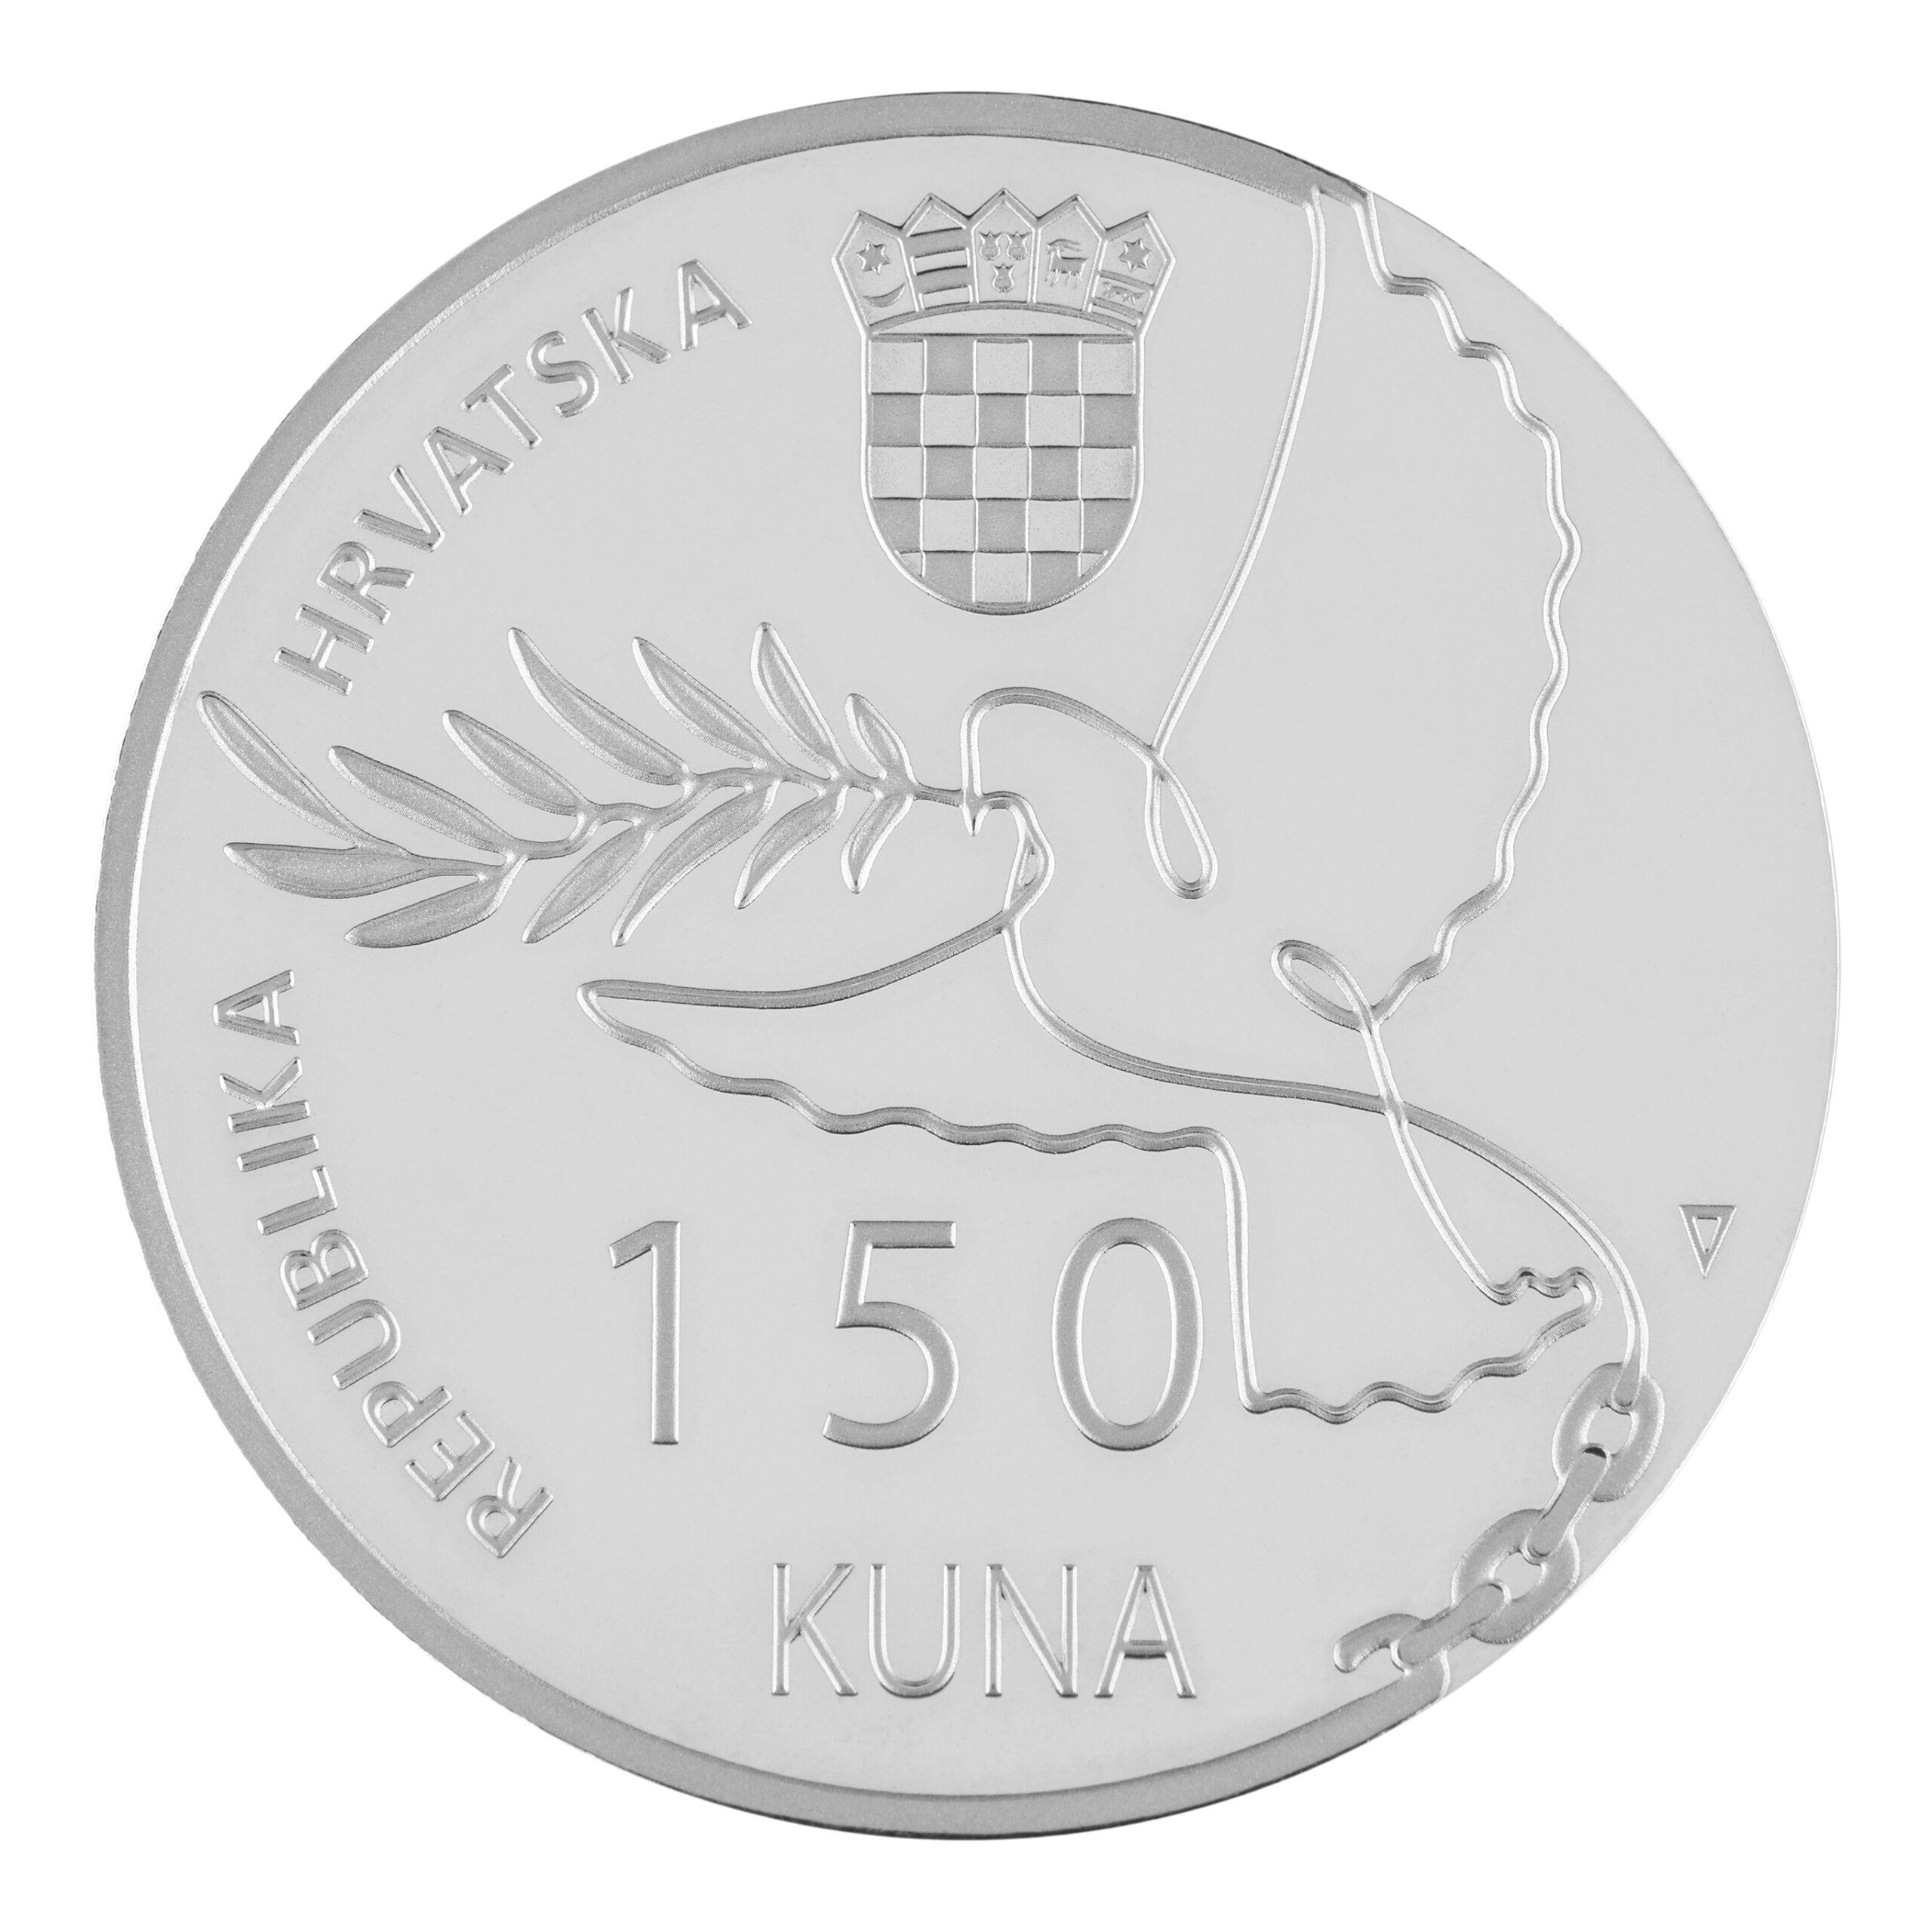 HR 150 Kuna 2020